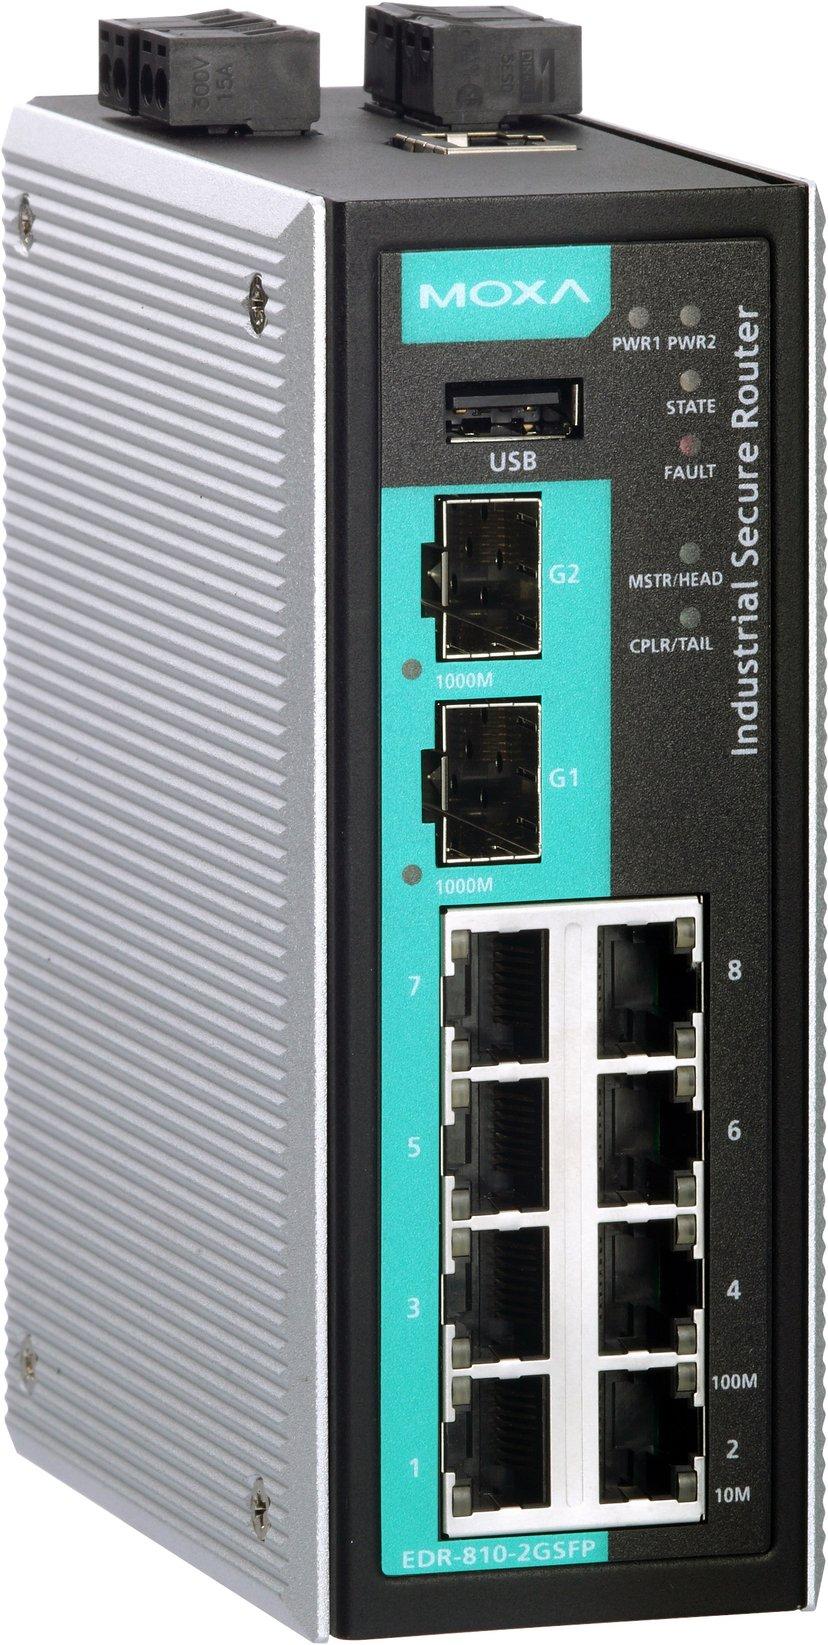 Moxa EDR-810-VPN-2GSFP Industriell brandvägg